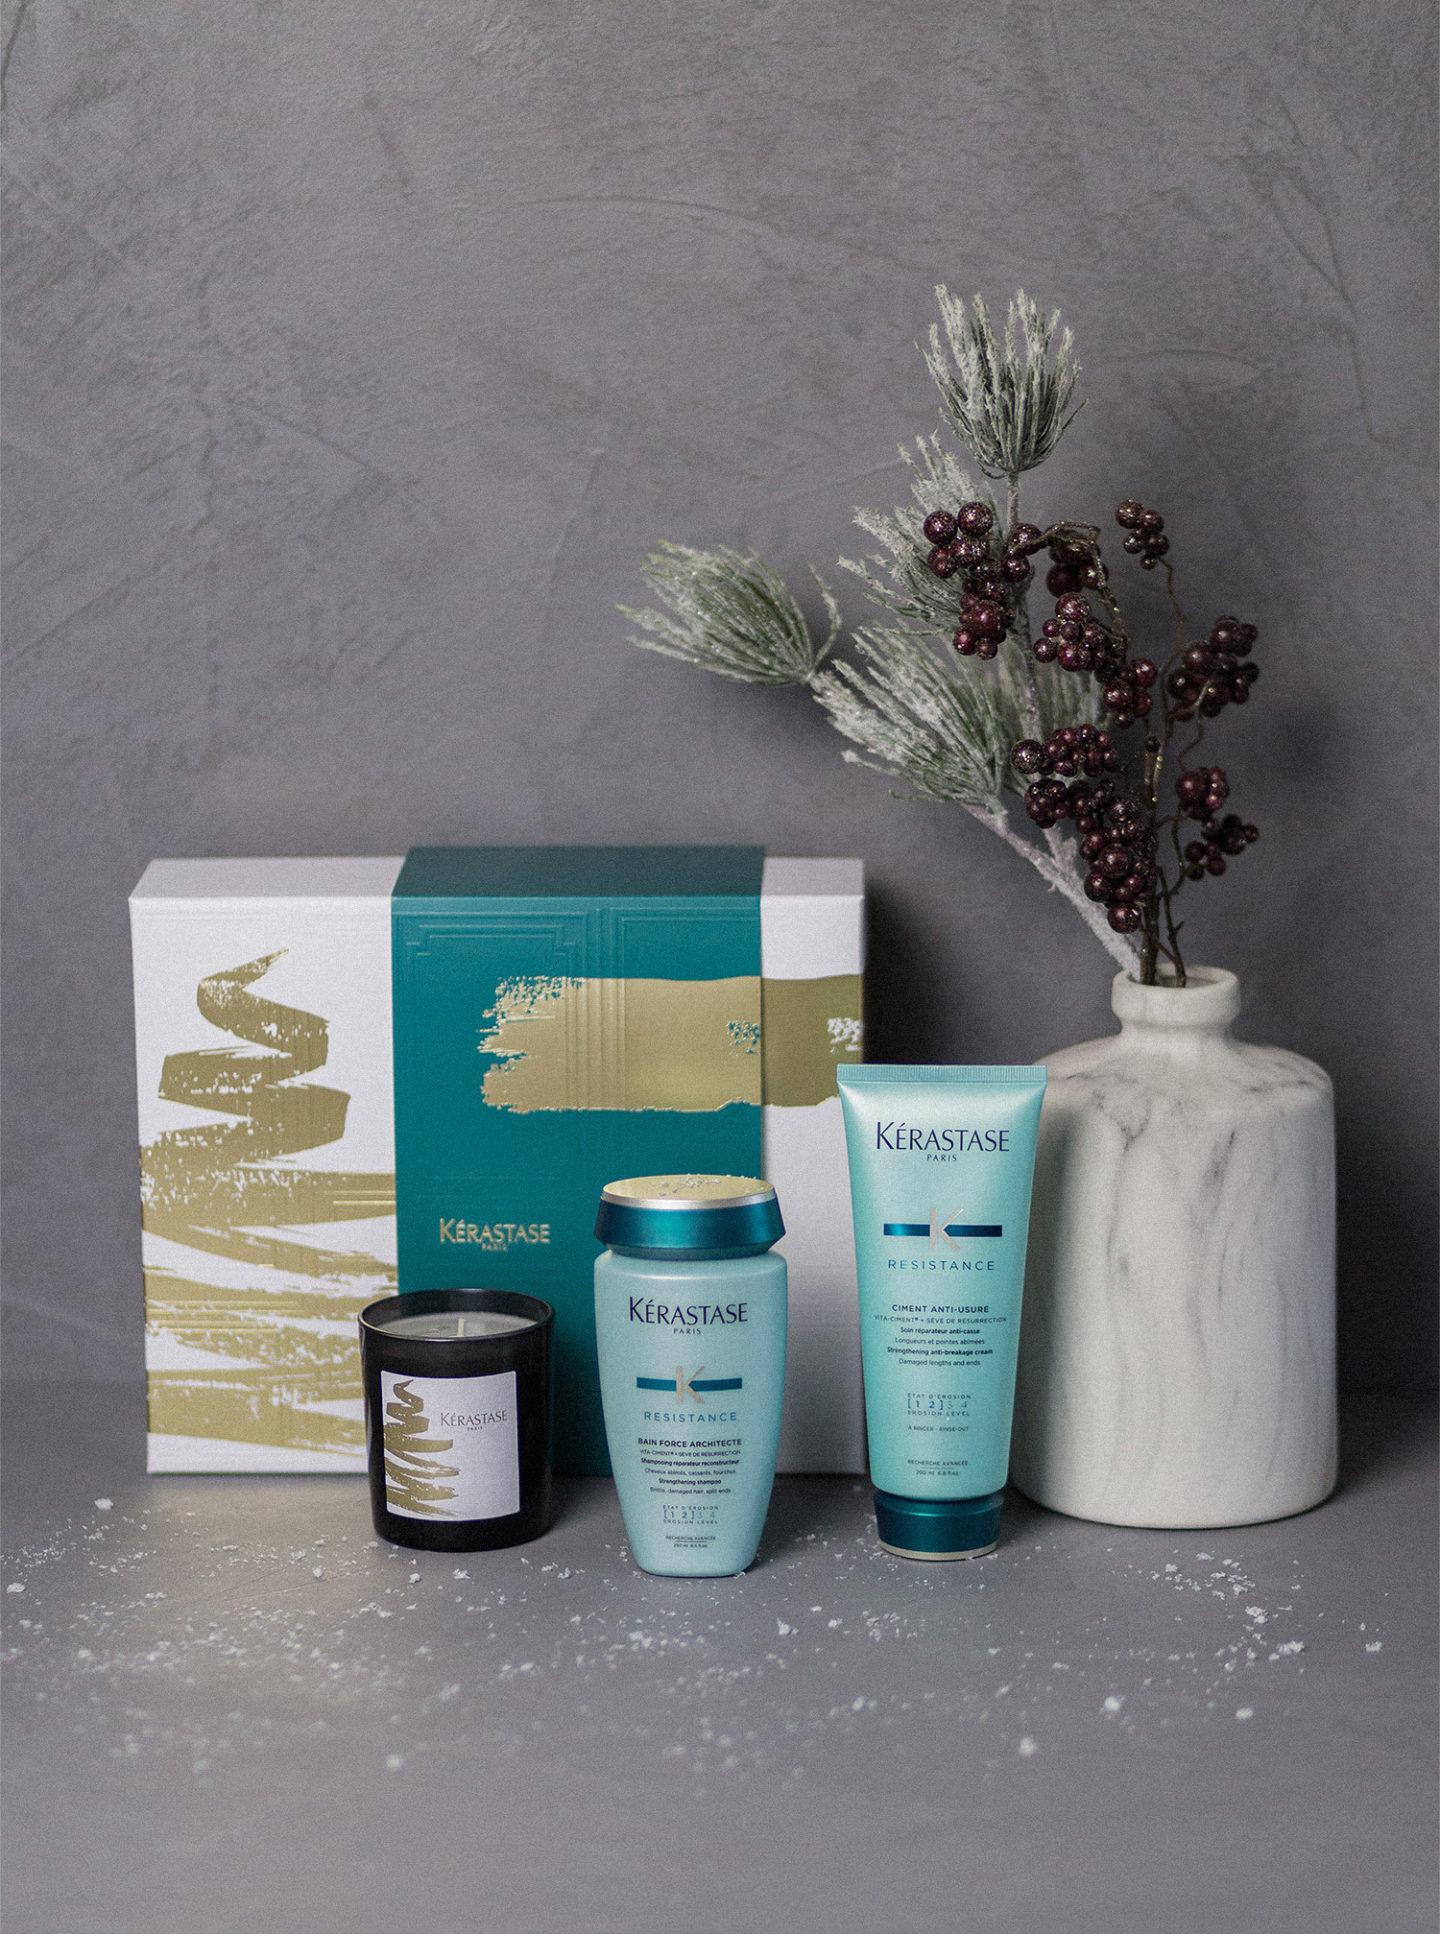 Bezaubernde Weihnachten Gewinnspiel – Kerastase Haarpflege-Set